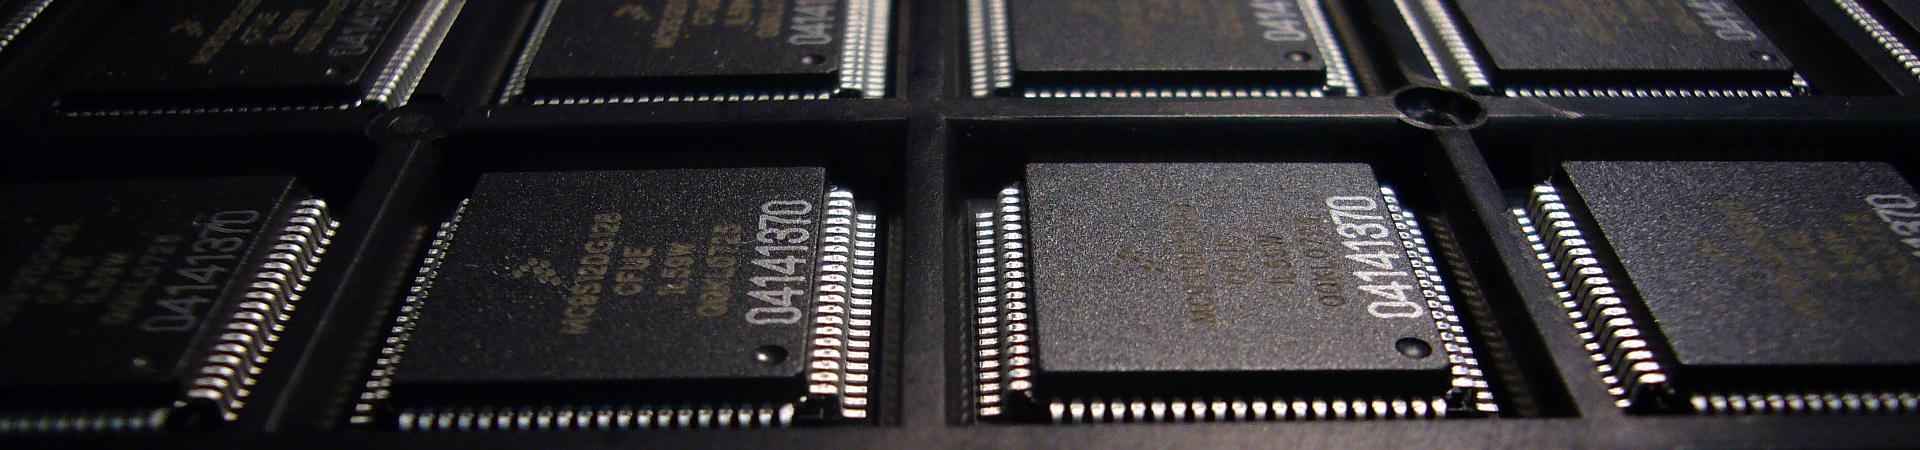 microchips